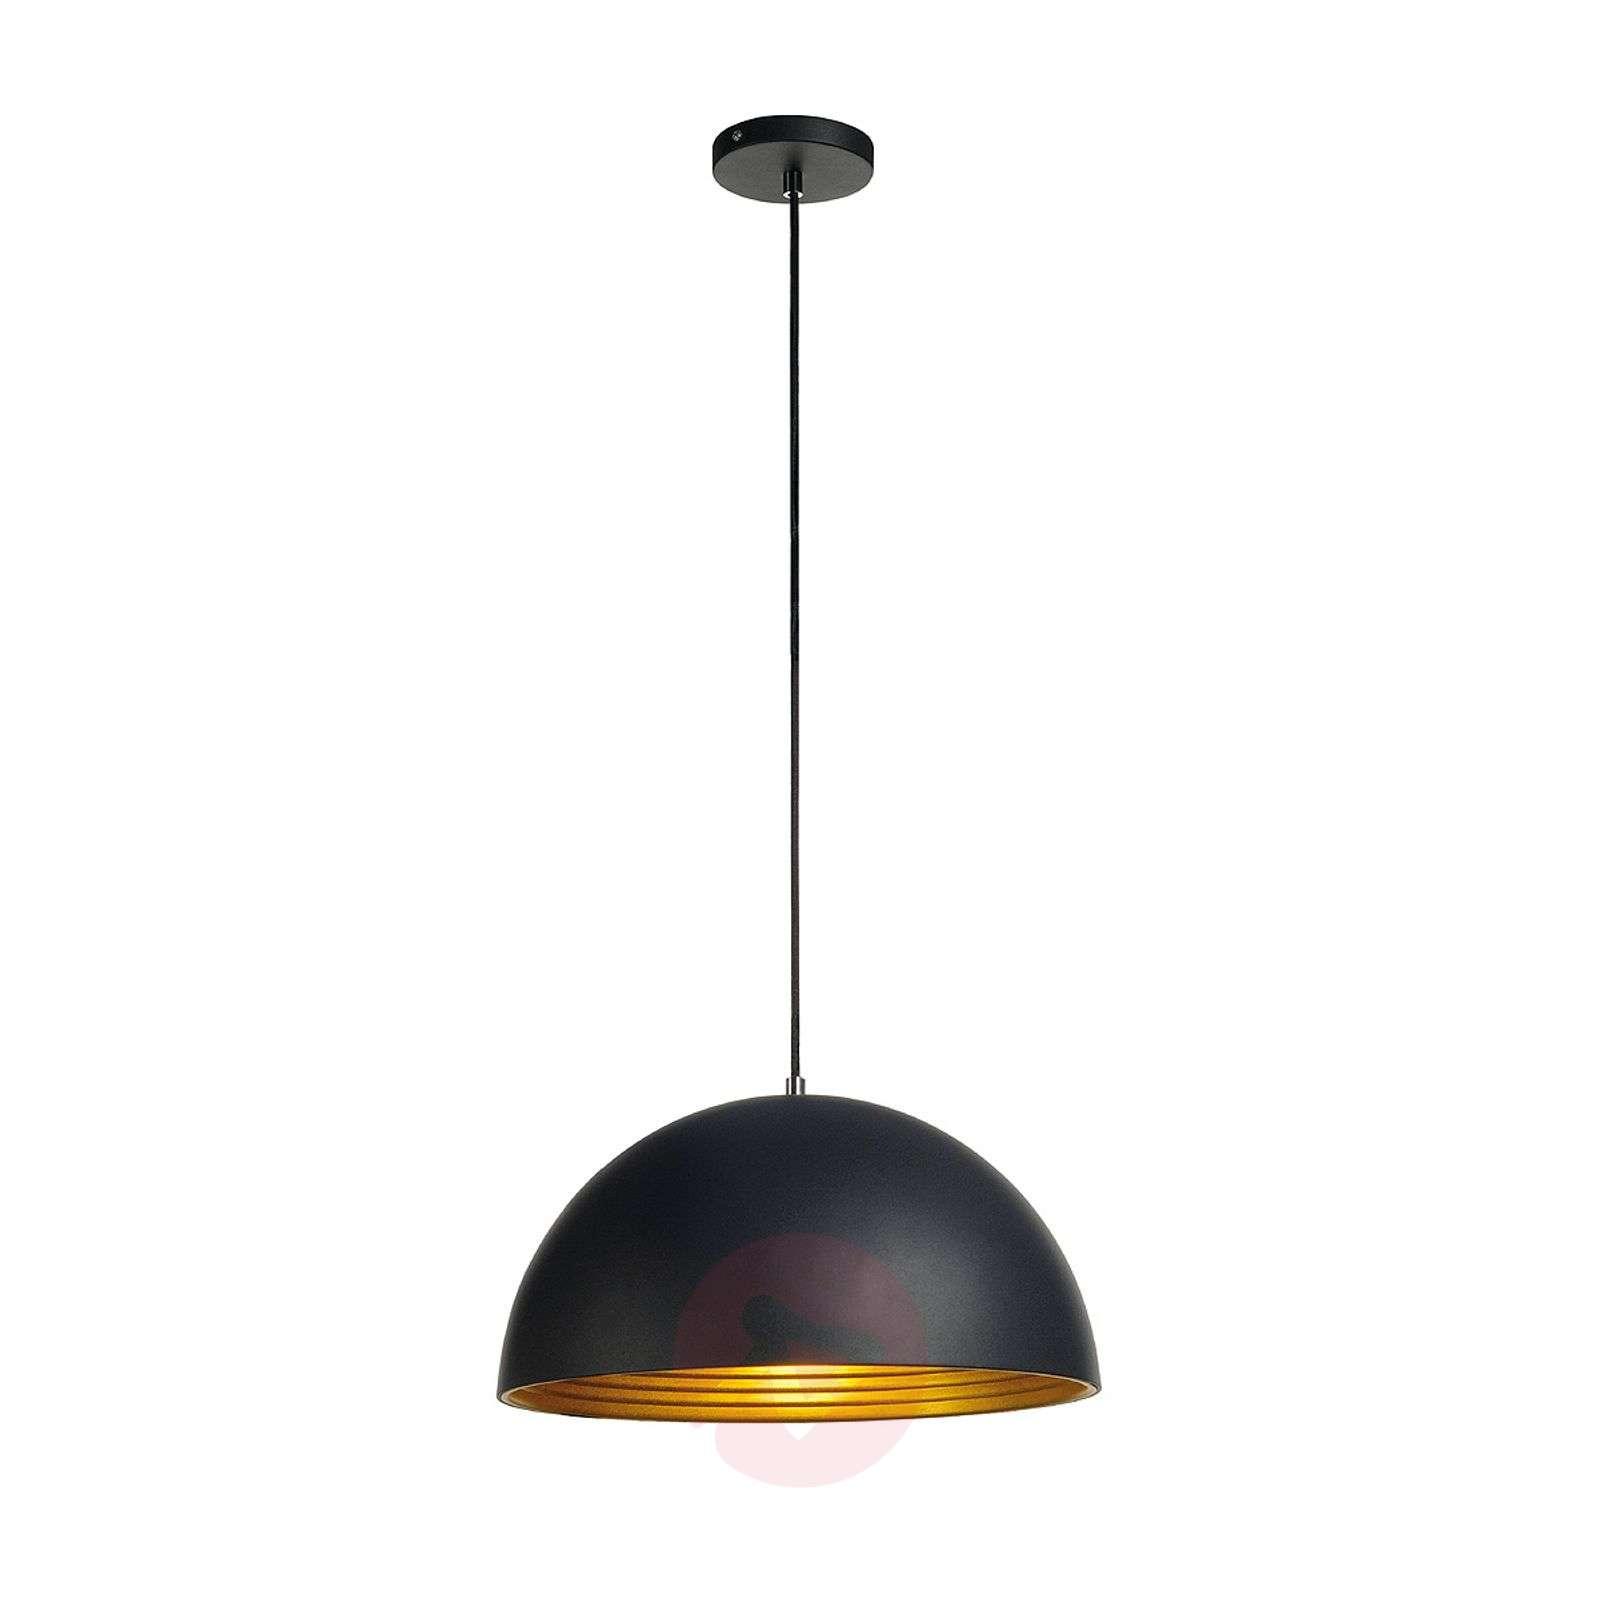 40 cm – Riippuvalaisin Forchini M musta ja kulta-5504426-01